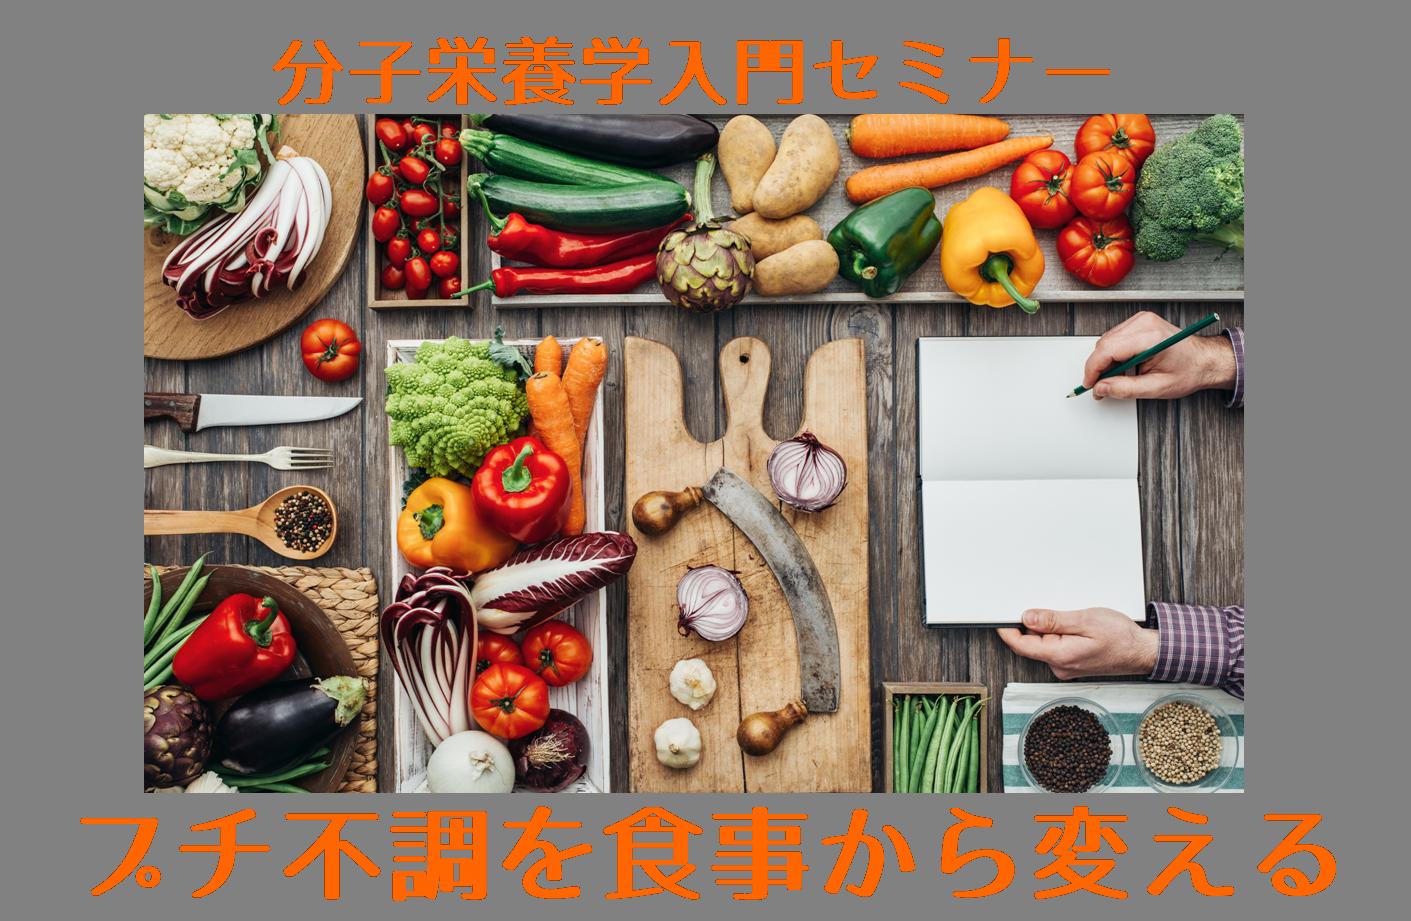 分子栄養学入門セミナー「プチ不調を食事から変える」ビタミン・ミネラル編